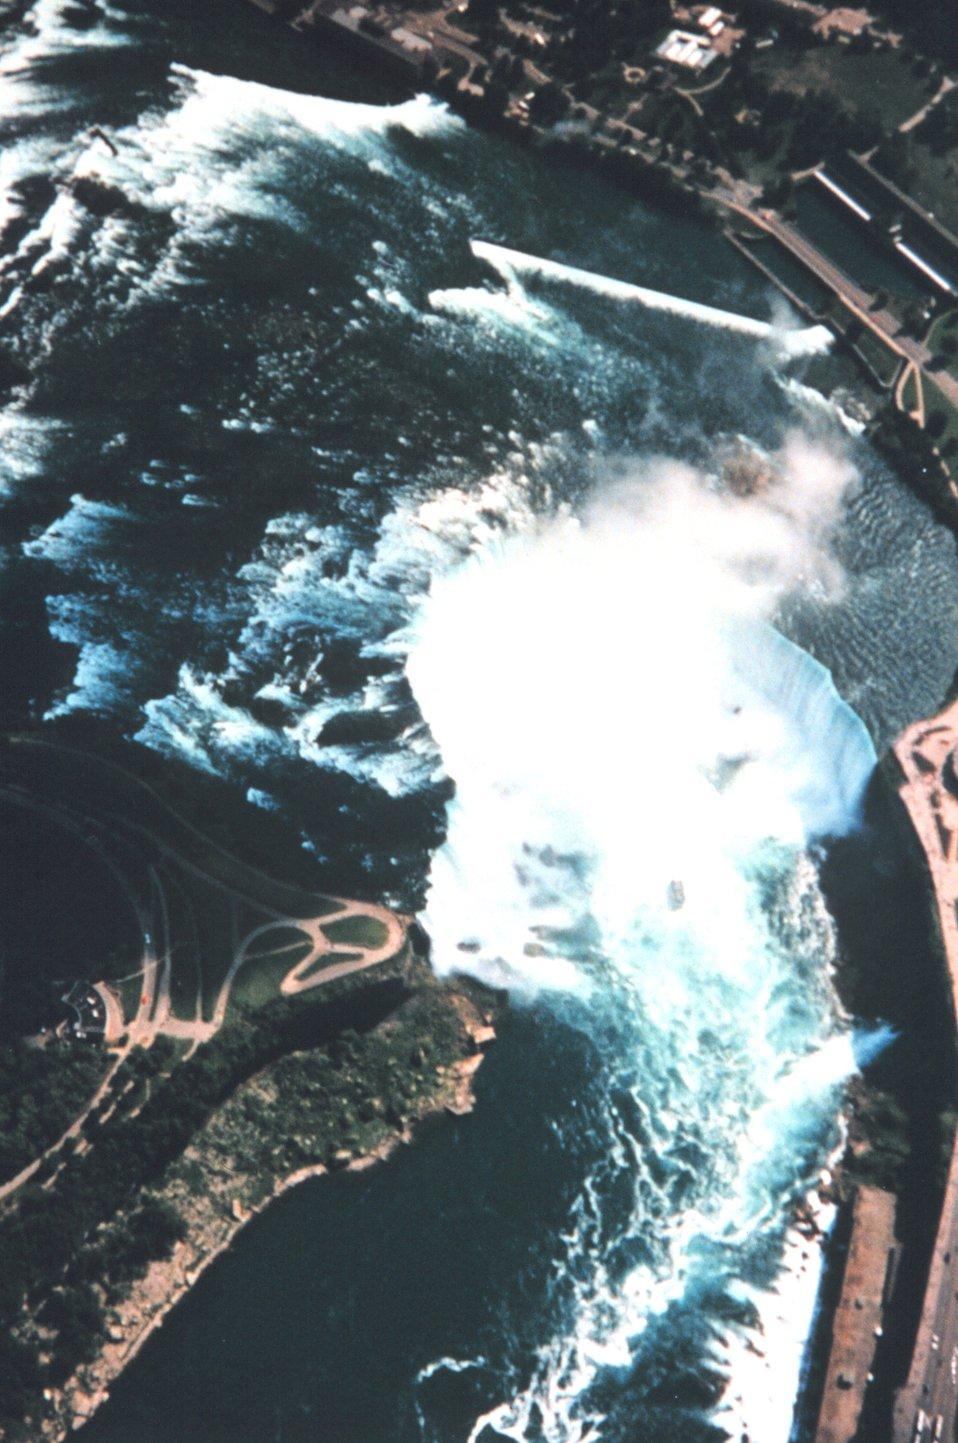 Niagara Falls as seen during Shoals Lidar survey of Niagara River.